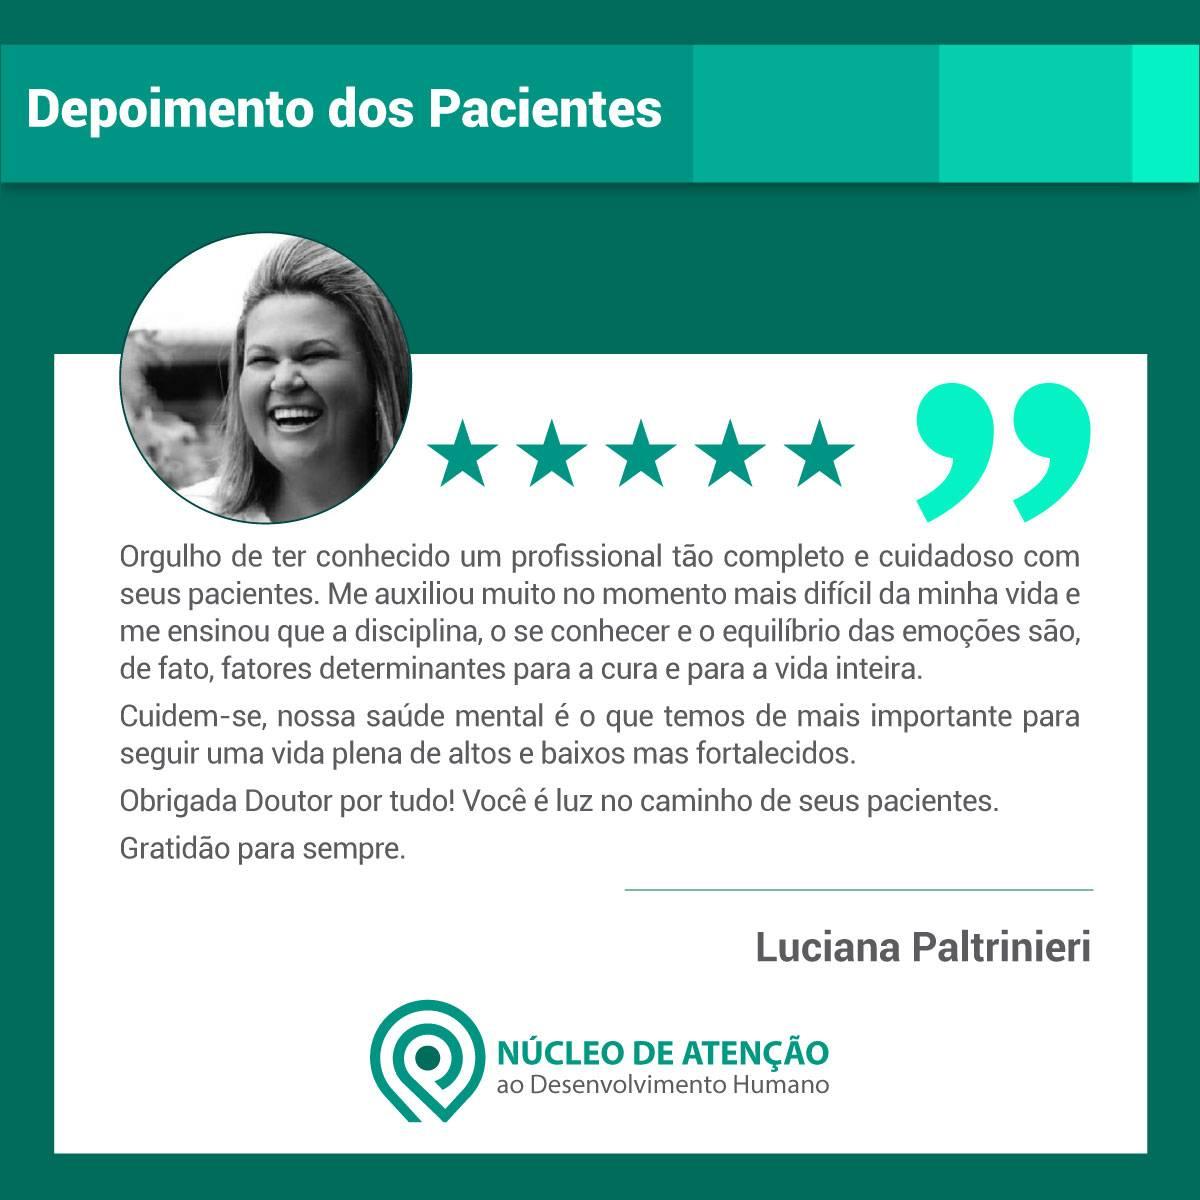 depoimento-dos-pacientes-luciana-paltrinieri